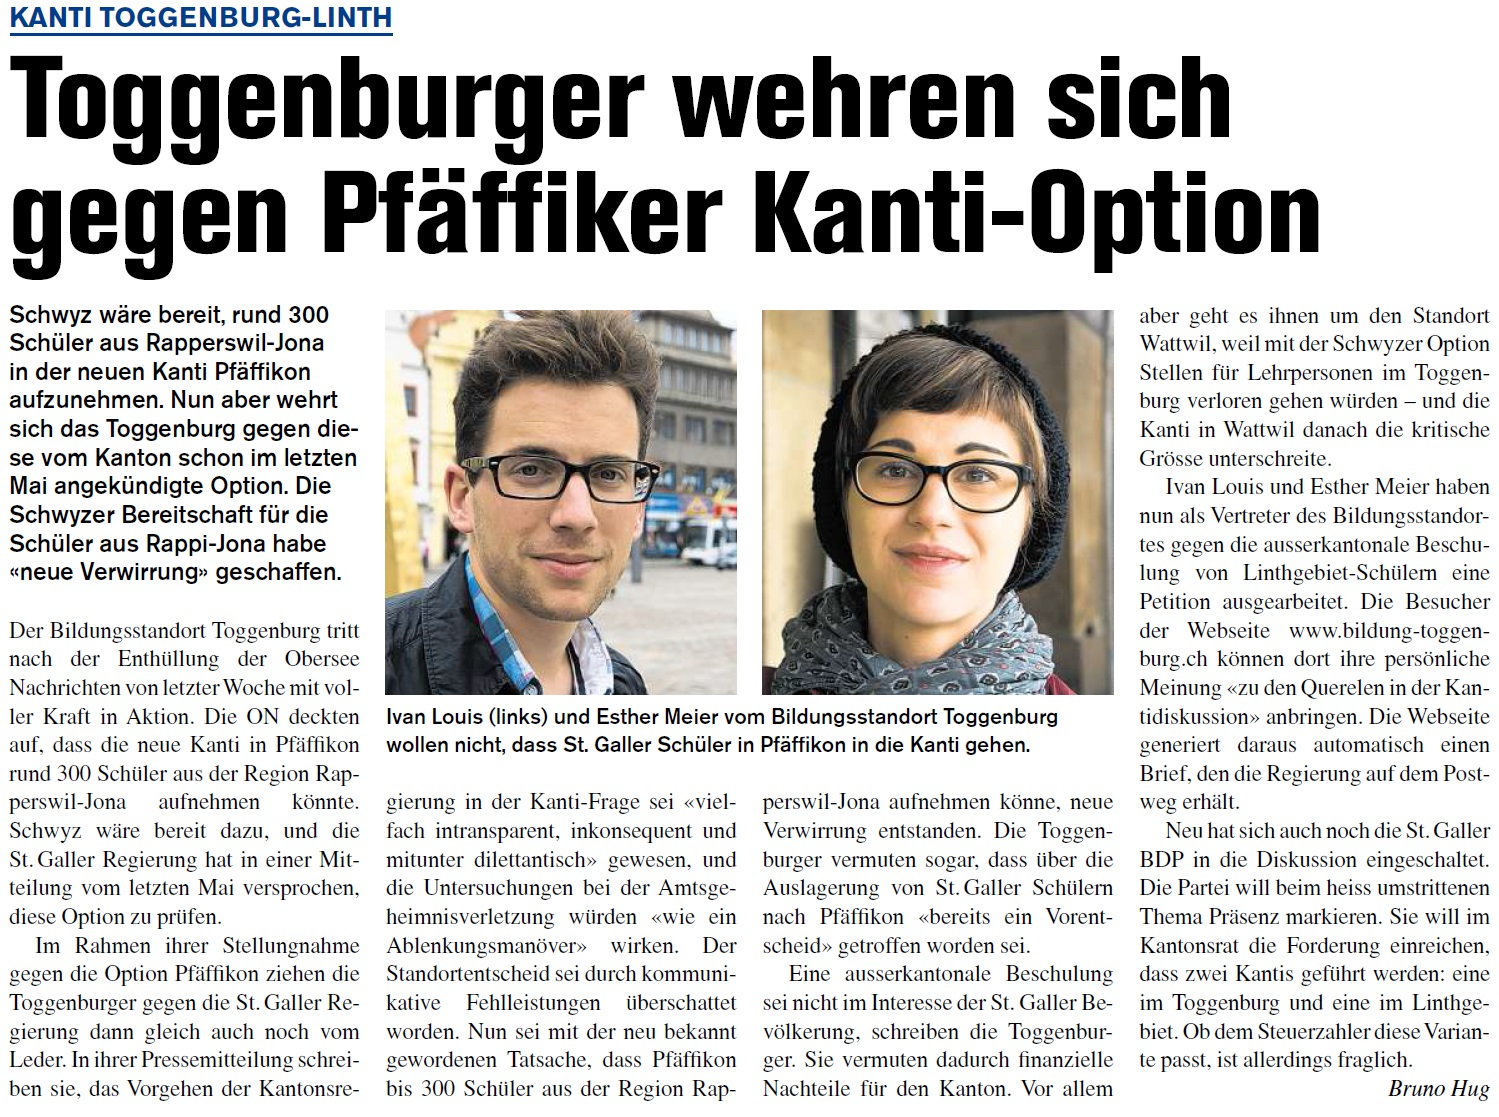 Toggenburger wehren sich gegen Pfäffiker Kanti-Option (Donnerstag, 09.10.2014)